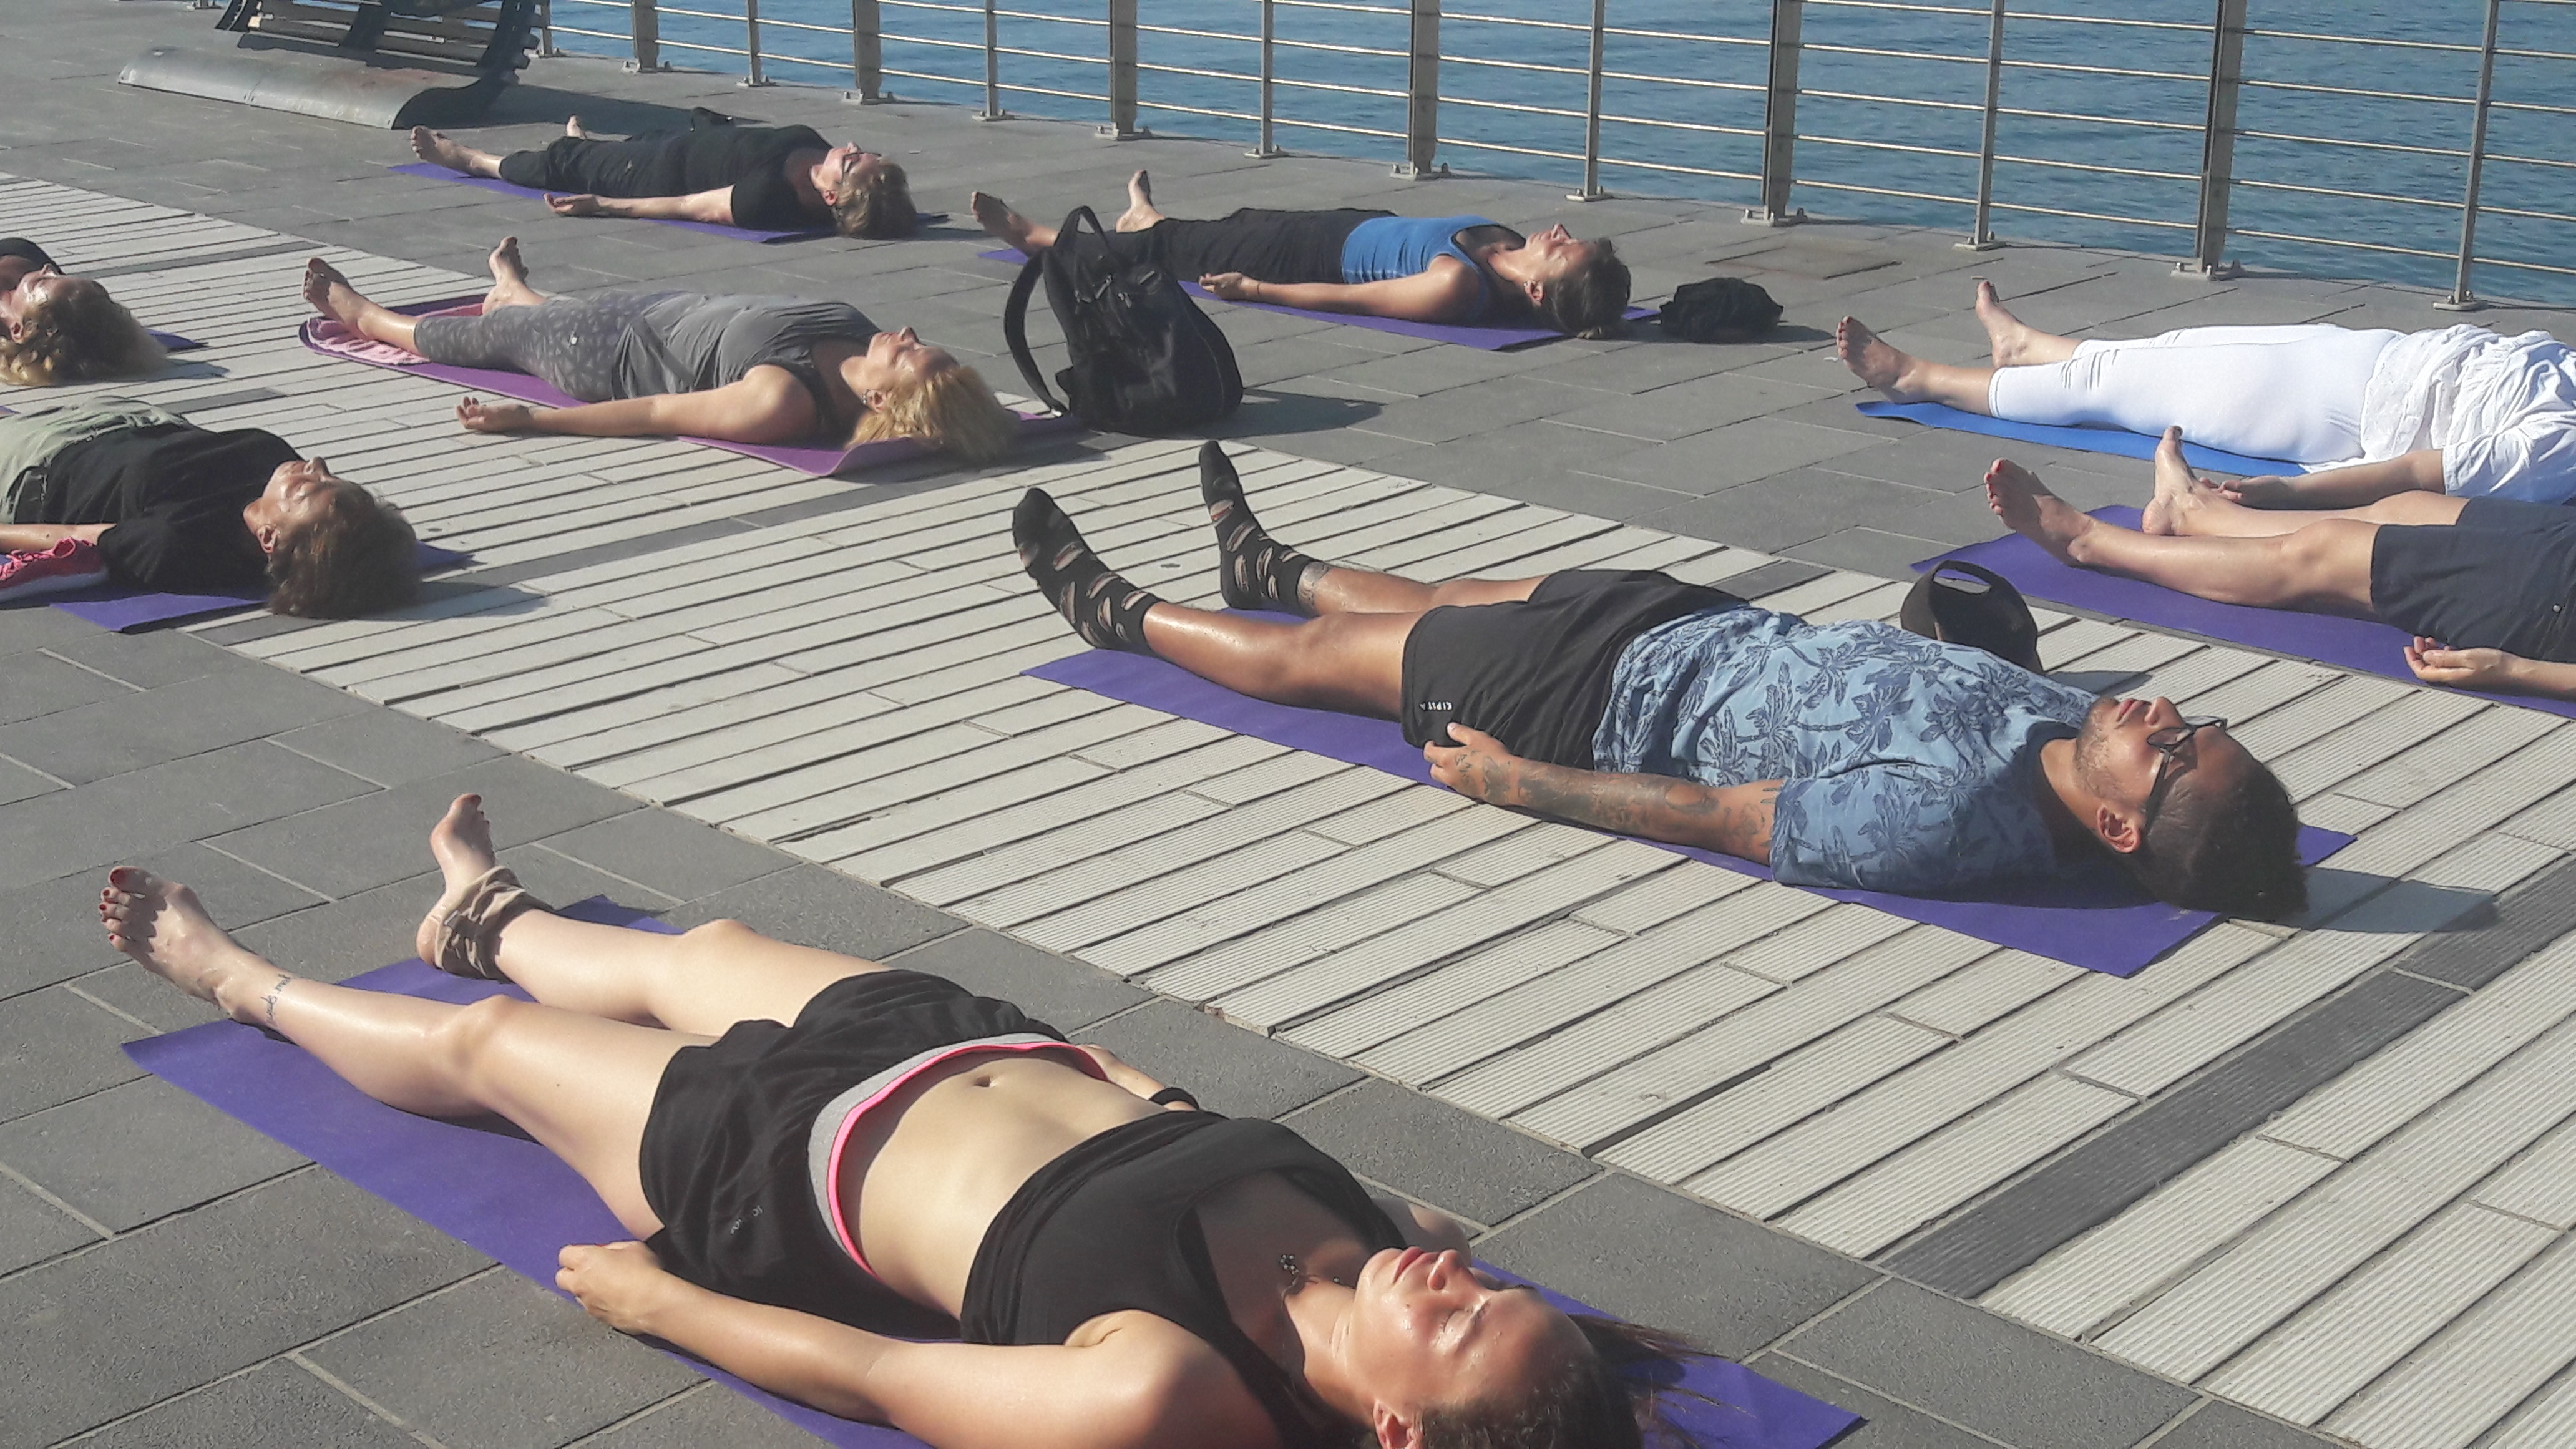 essere-free-yoga-gratuito-benessere-per-tutti-village-citta-alassio-estate-lucia-ragazzi-summer-town-wellness-008